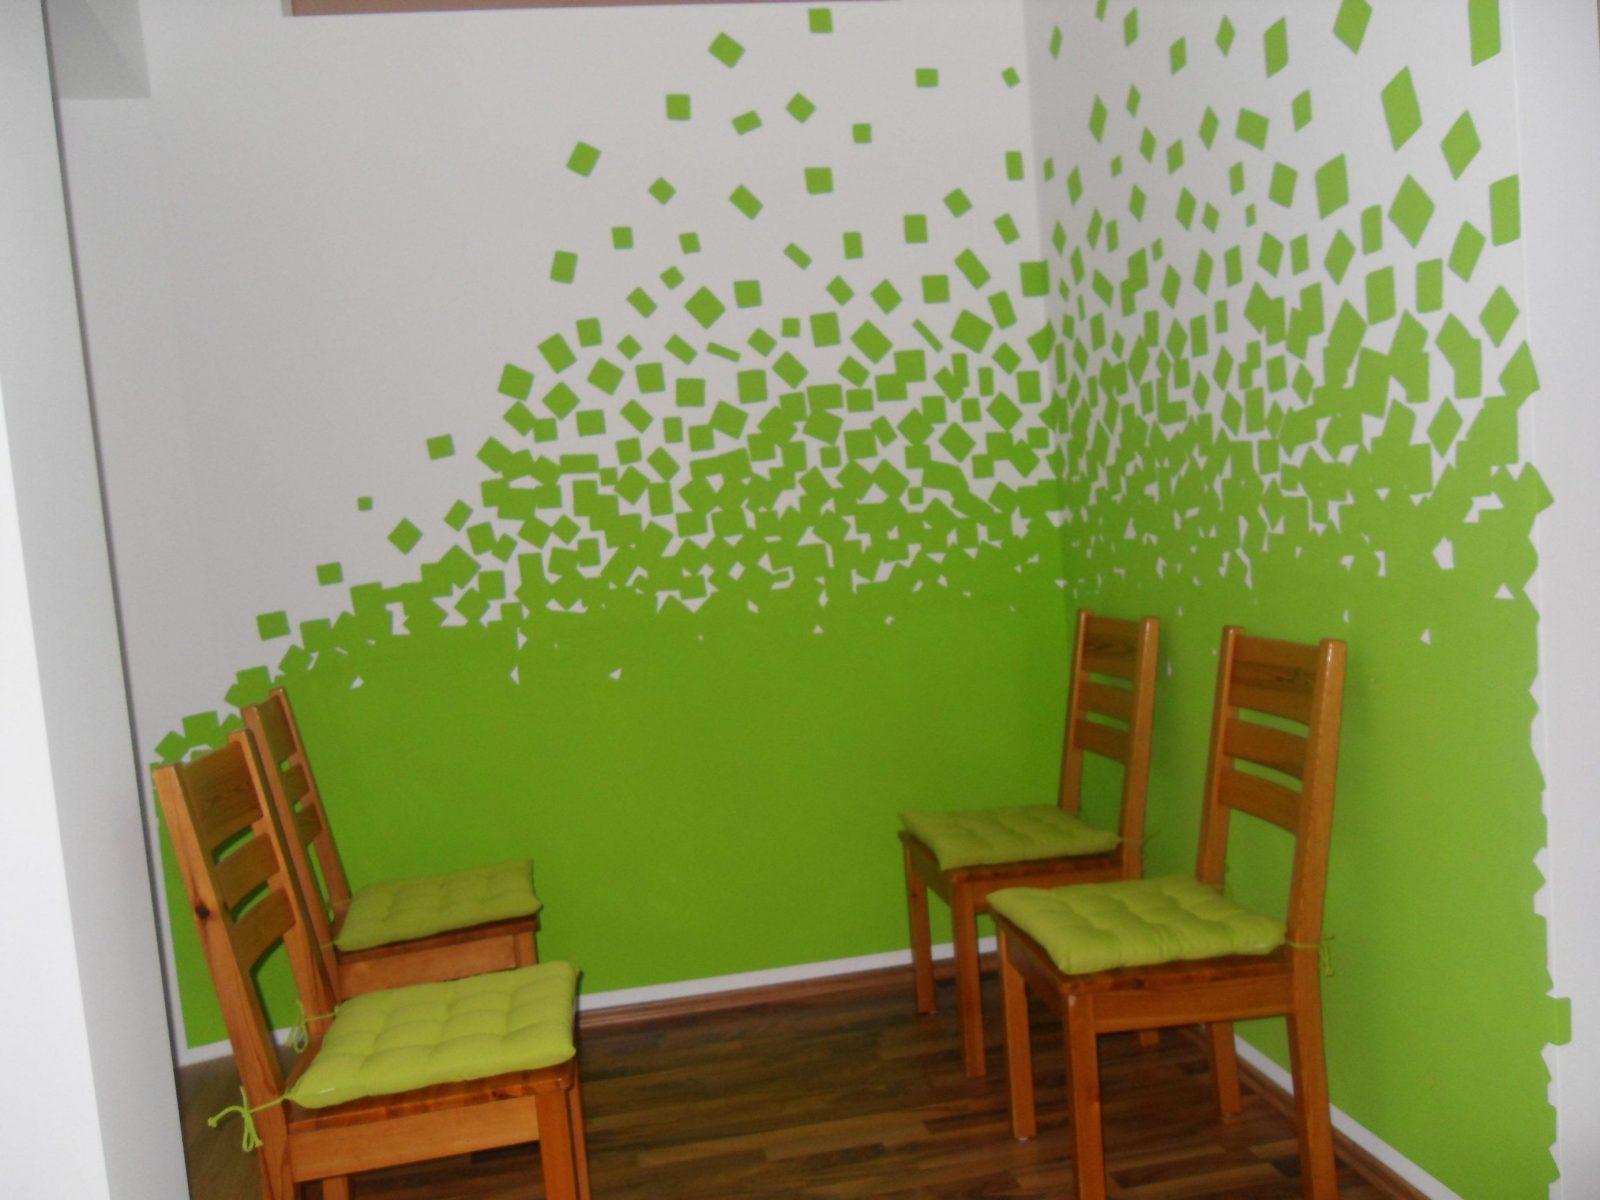 küche streichen ideen bilder | wände streichen ideen küche frisch